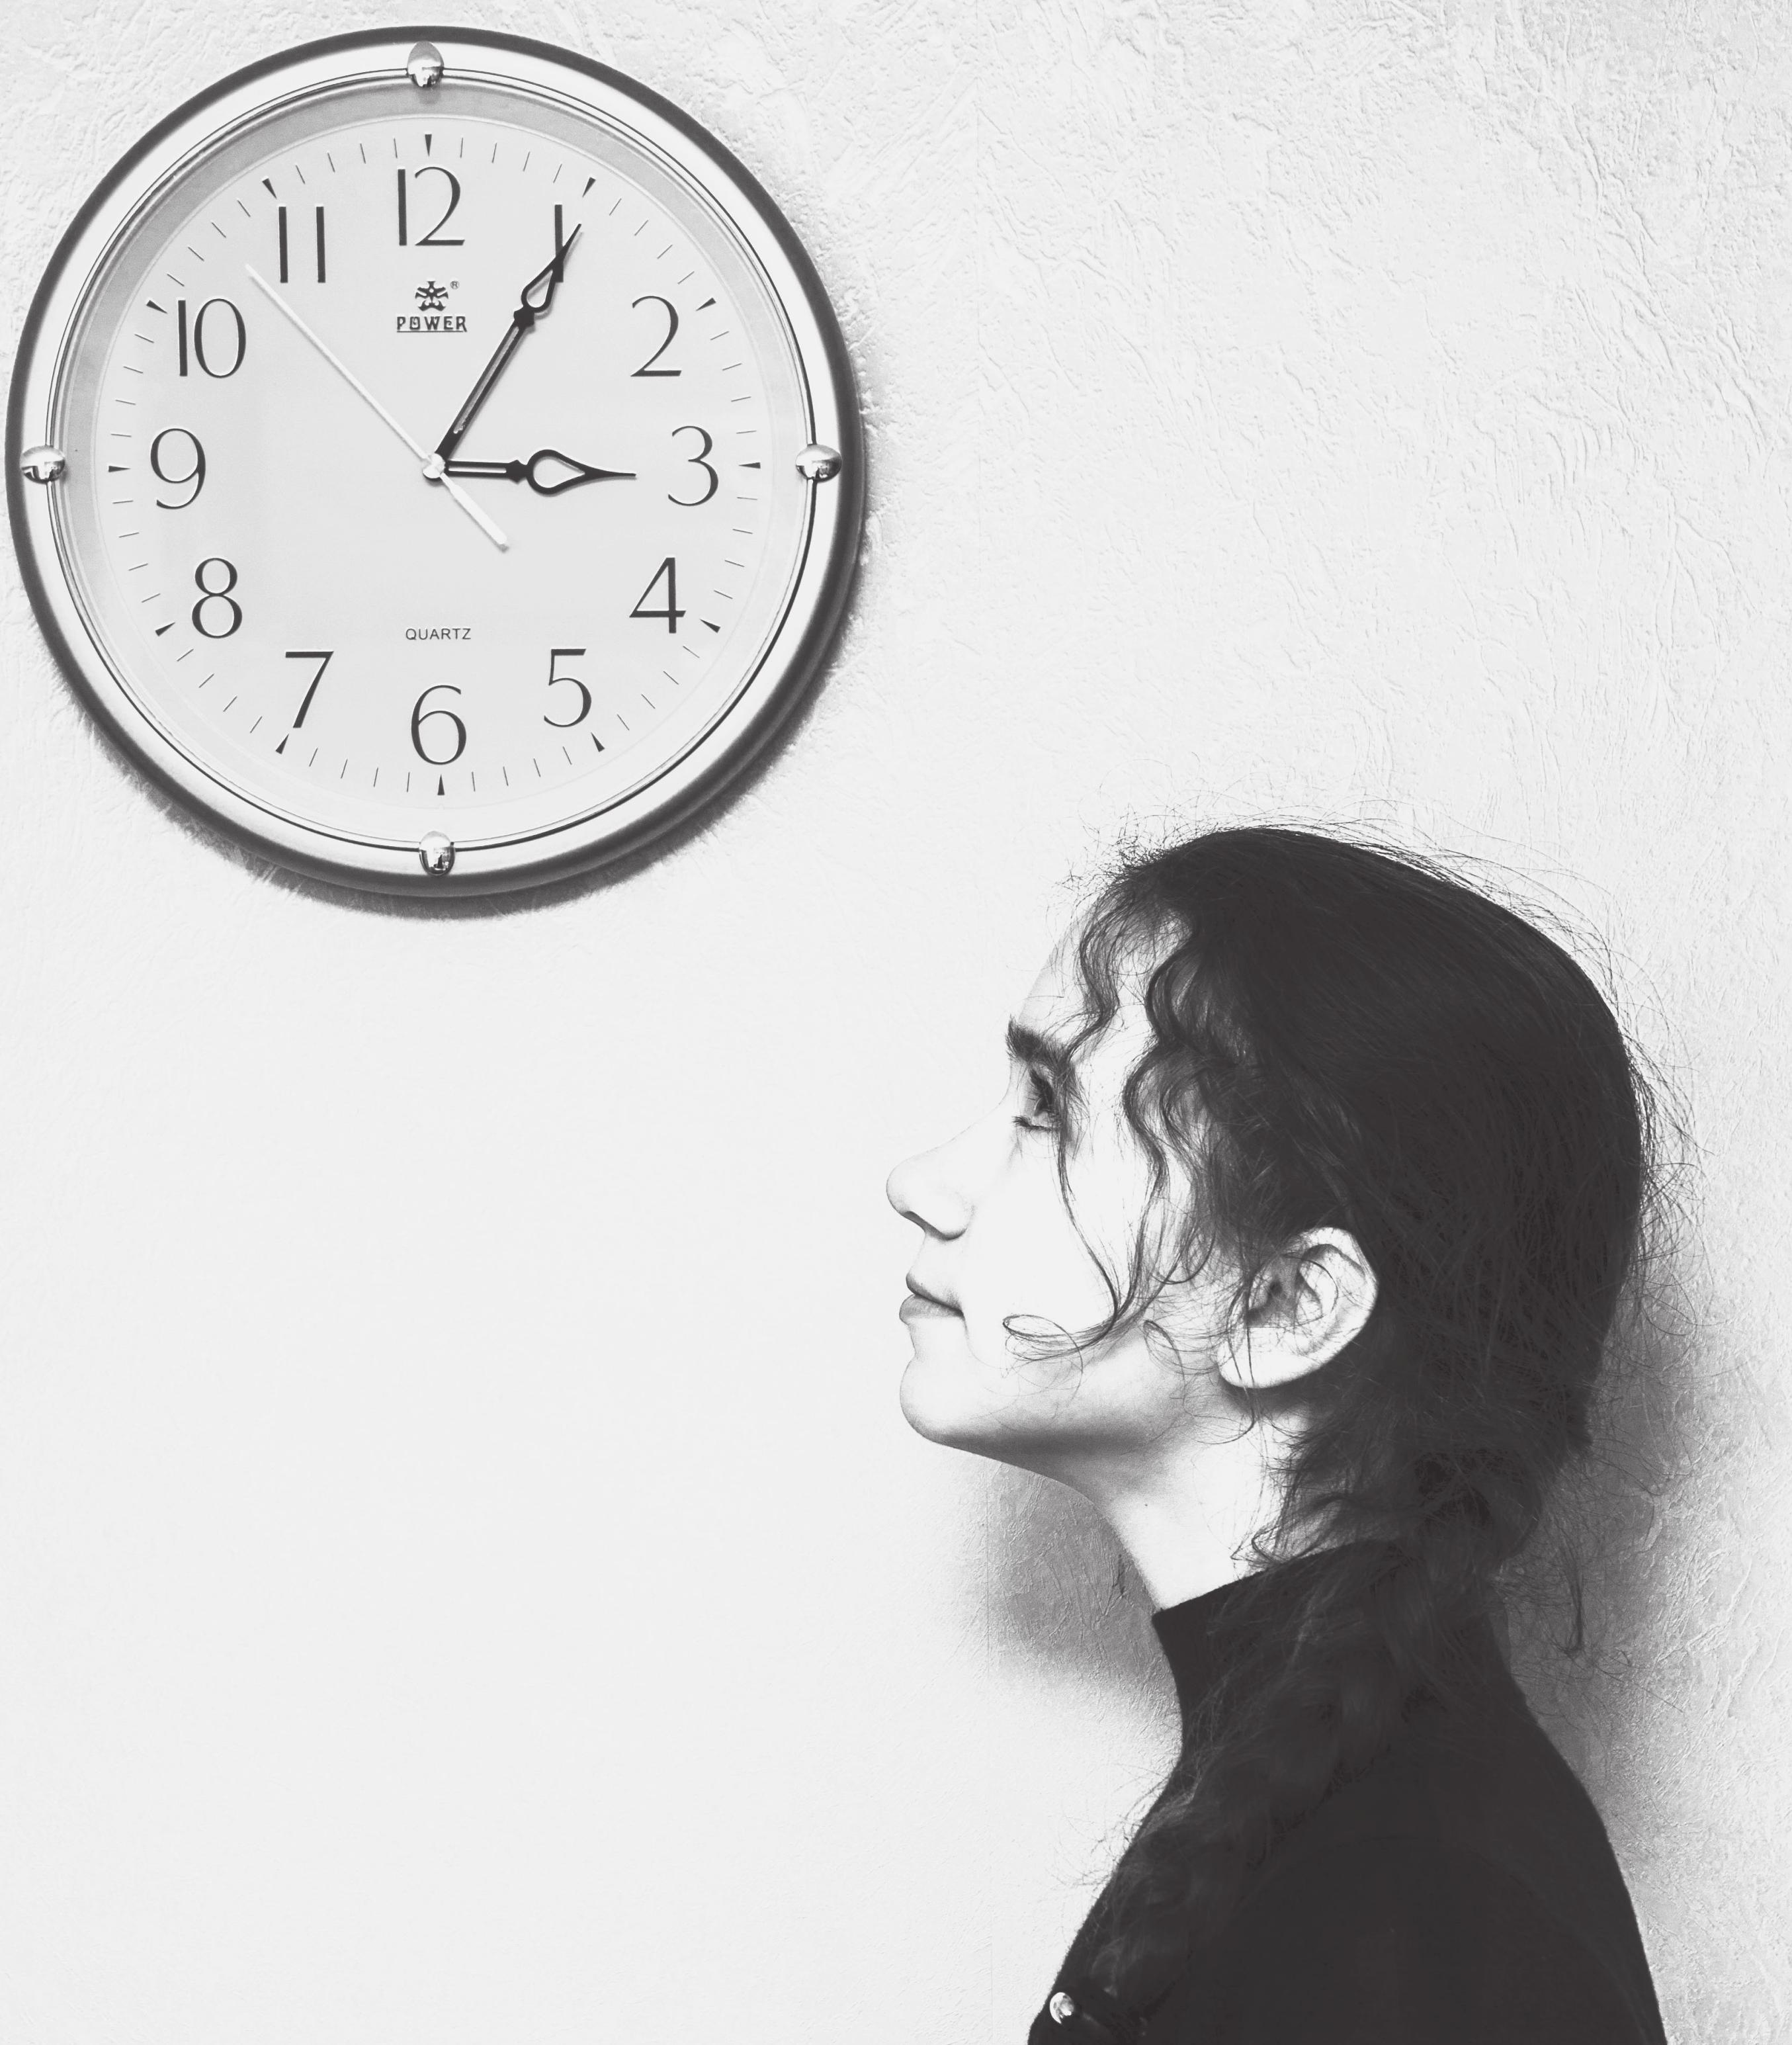 Die Zeit rast und ich mittendrin